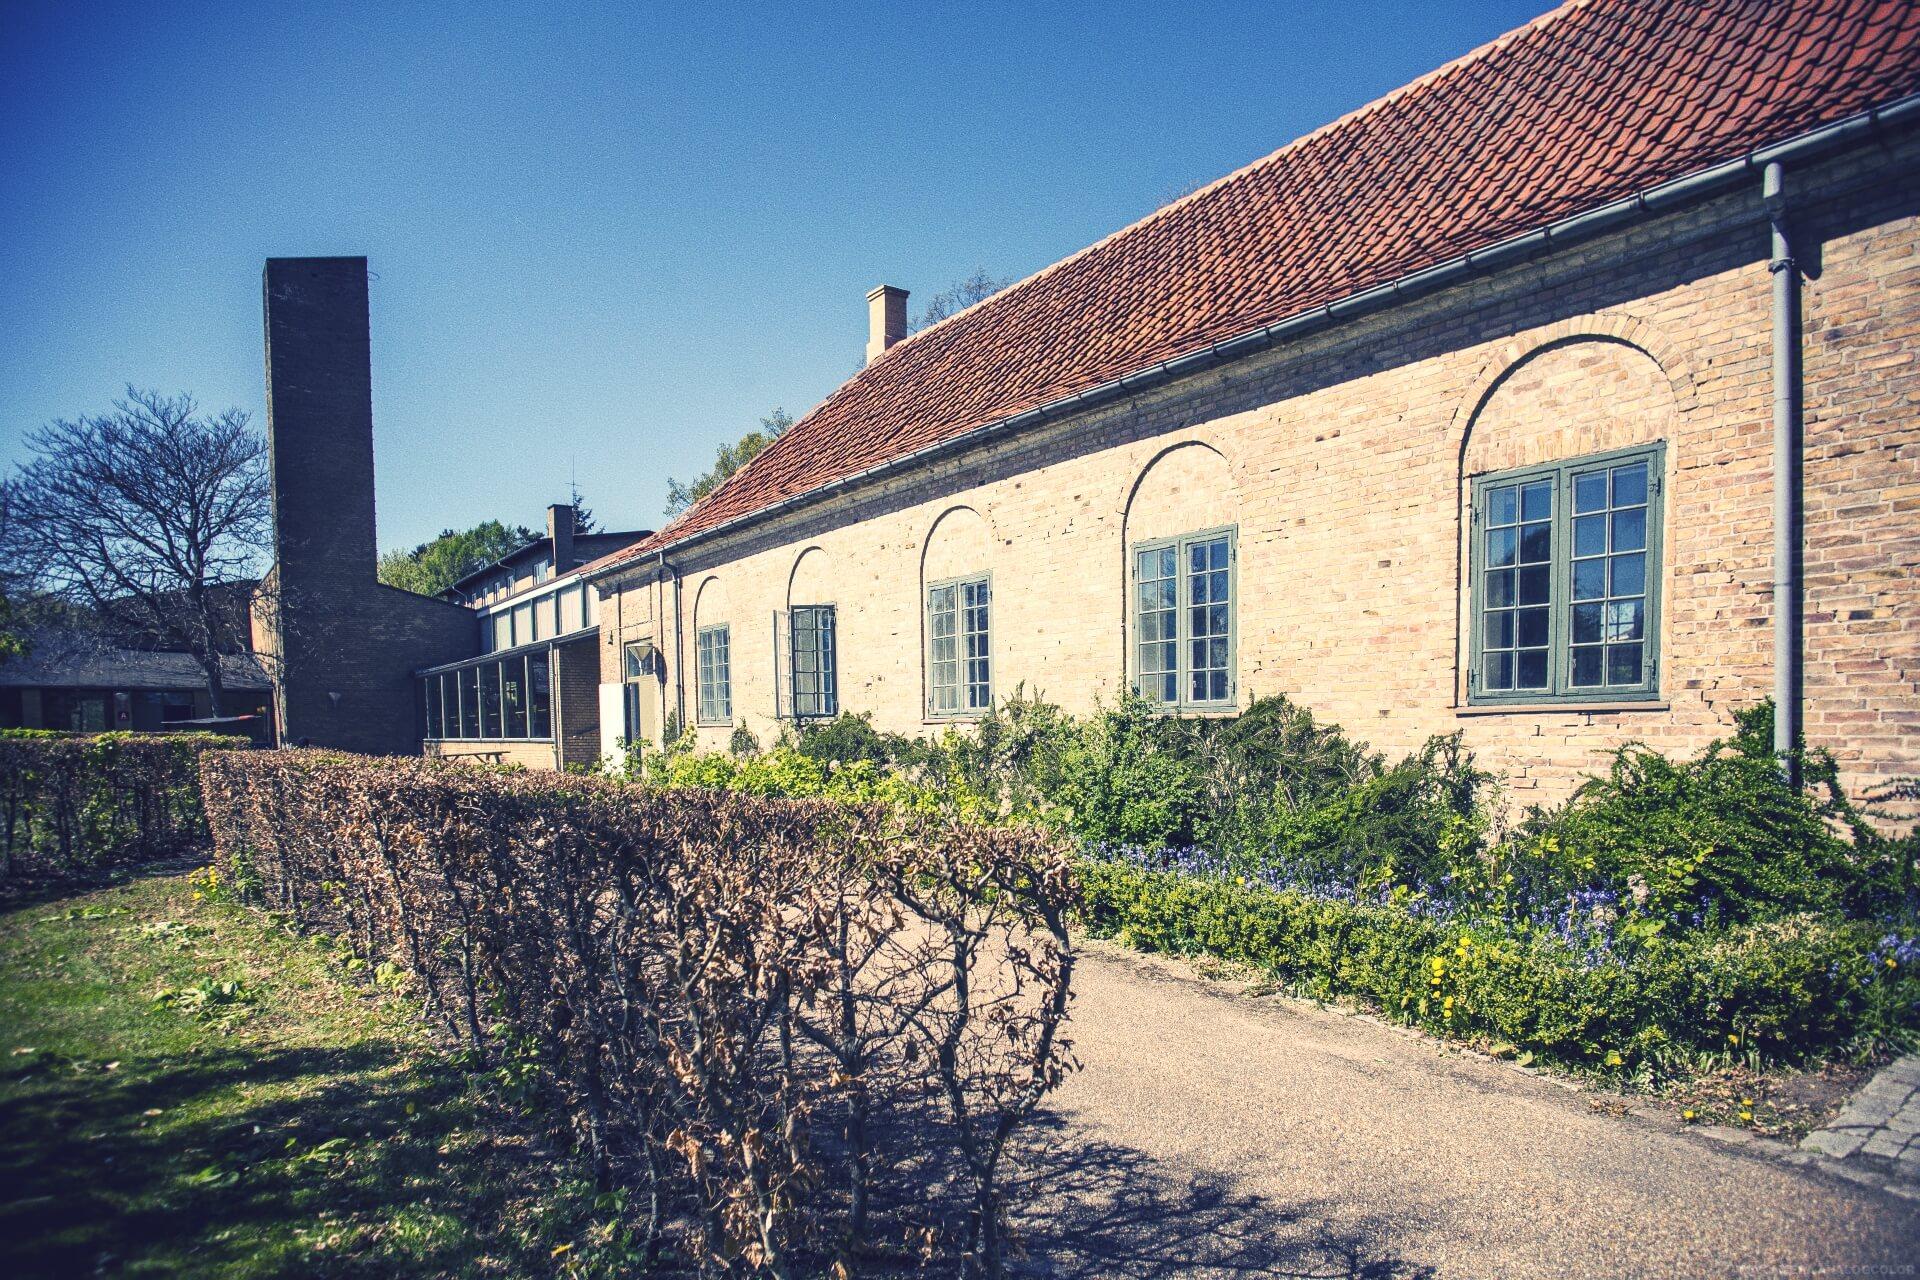 folk high school buildings at Internatioal People's College in Denmark